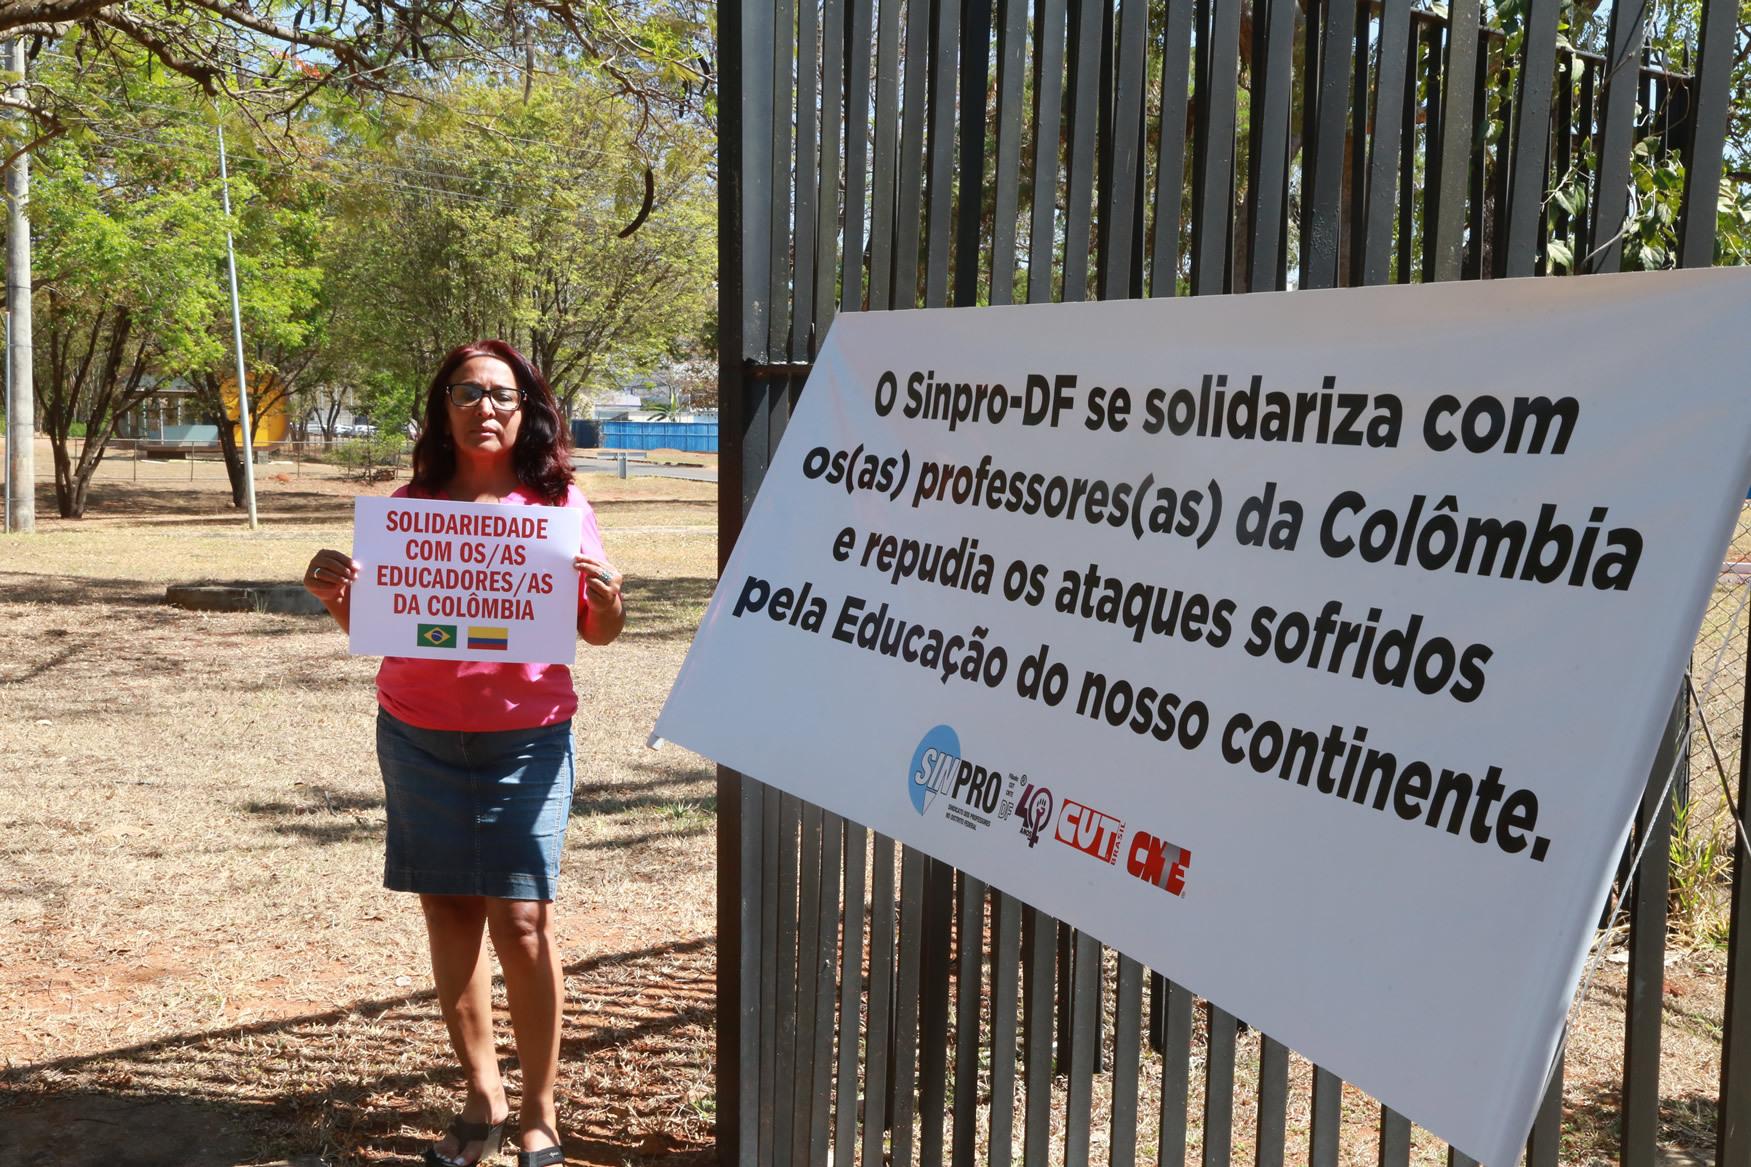 2019.09.12-Ato-Embaixada-Colombia_fotos-ECOM-20